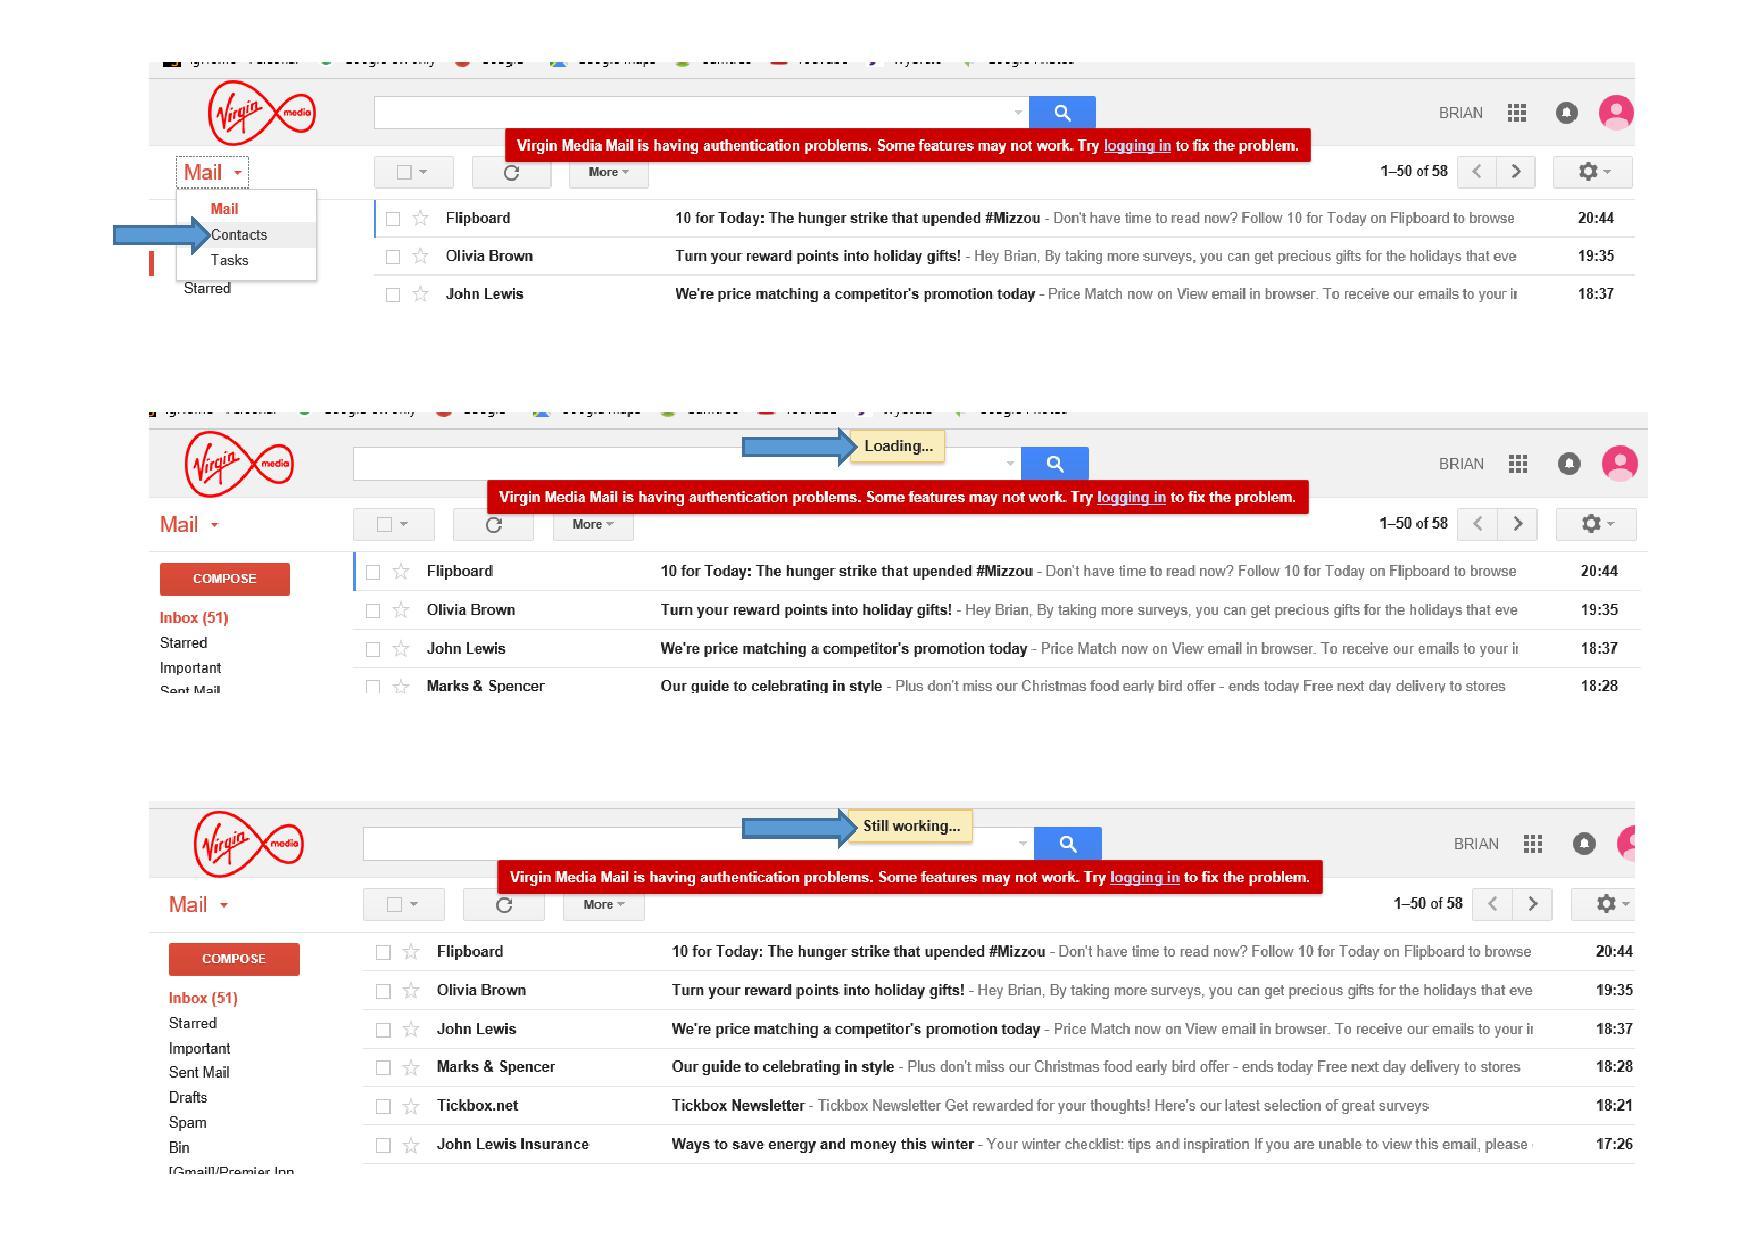 Virgin Media Email 53